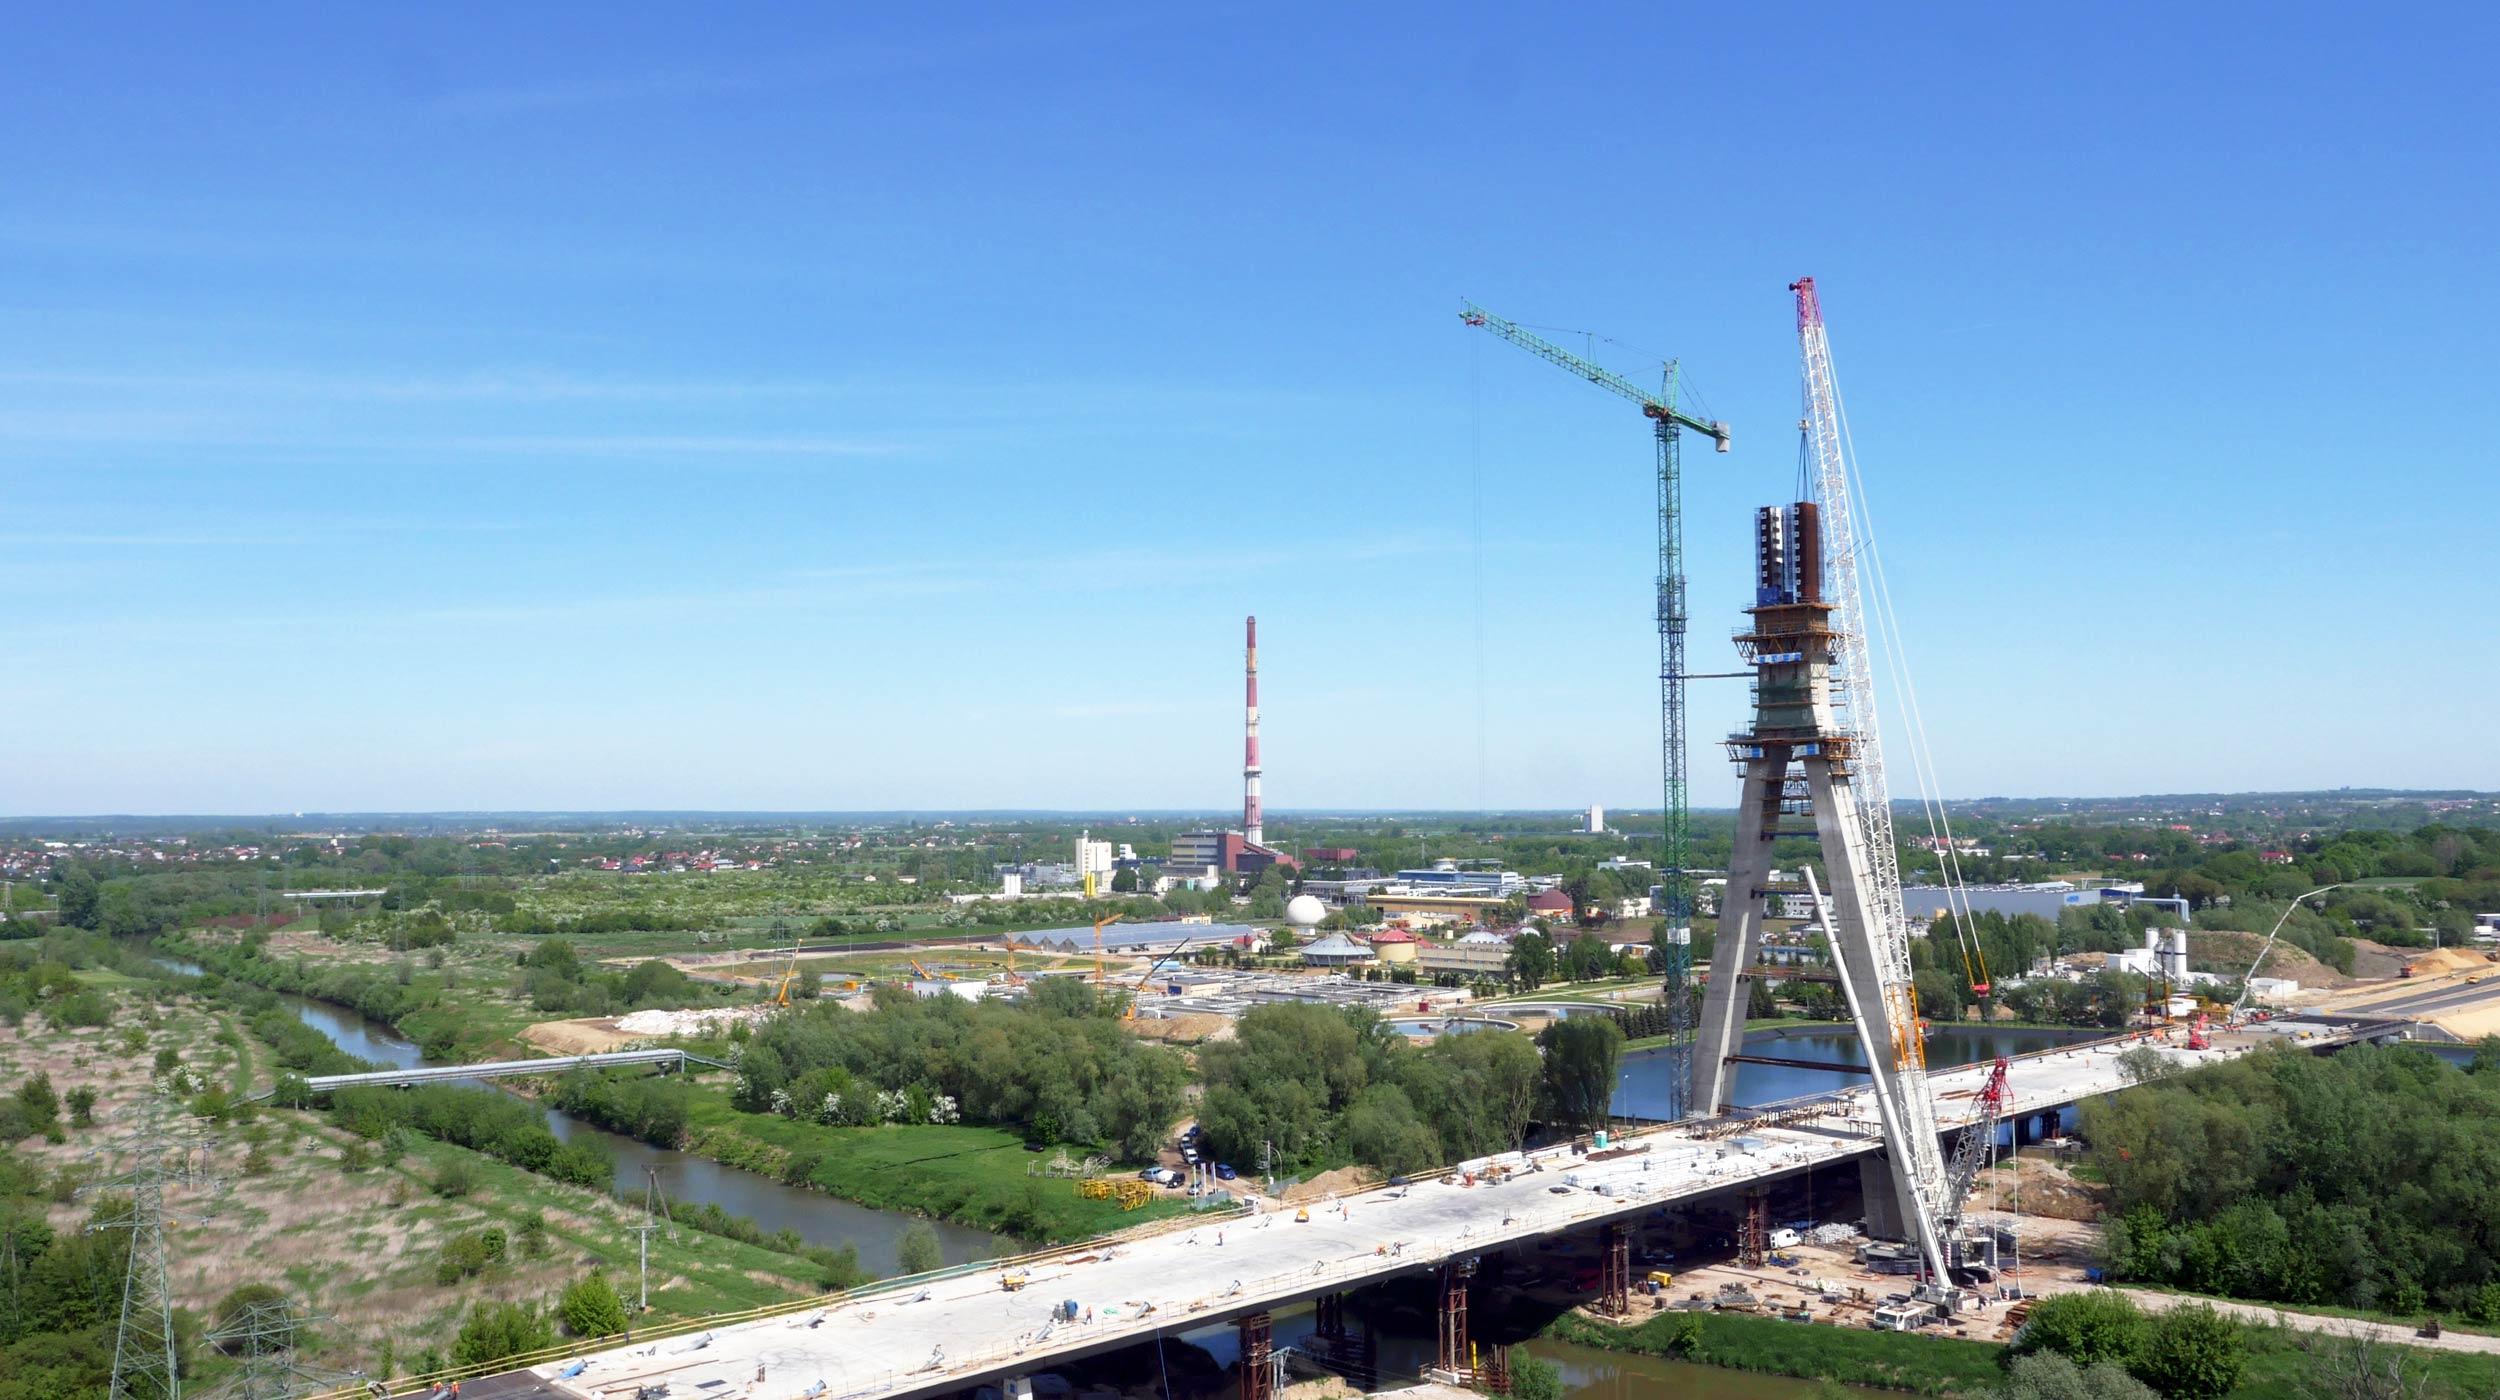 Dominującym elementem wartej ponad 180 mln złotych inwestycji jest pylon mostu, którego wysokość wynosi 108,5 m.